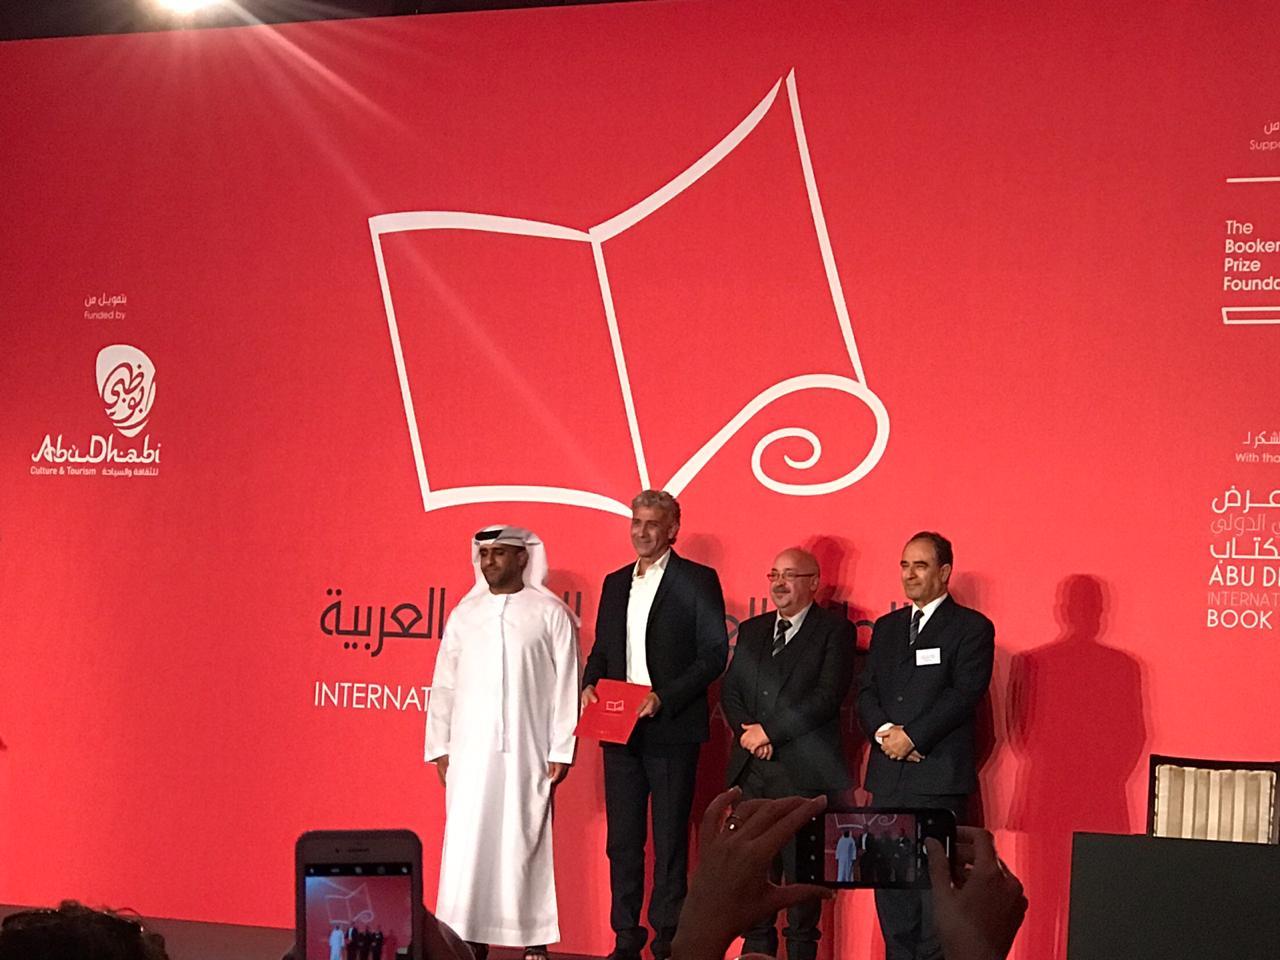 تكريم محمد المعزوز لوصول روايته بأى ذنب رحلت للقائمة القصيرة لجائزة البوكر